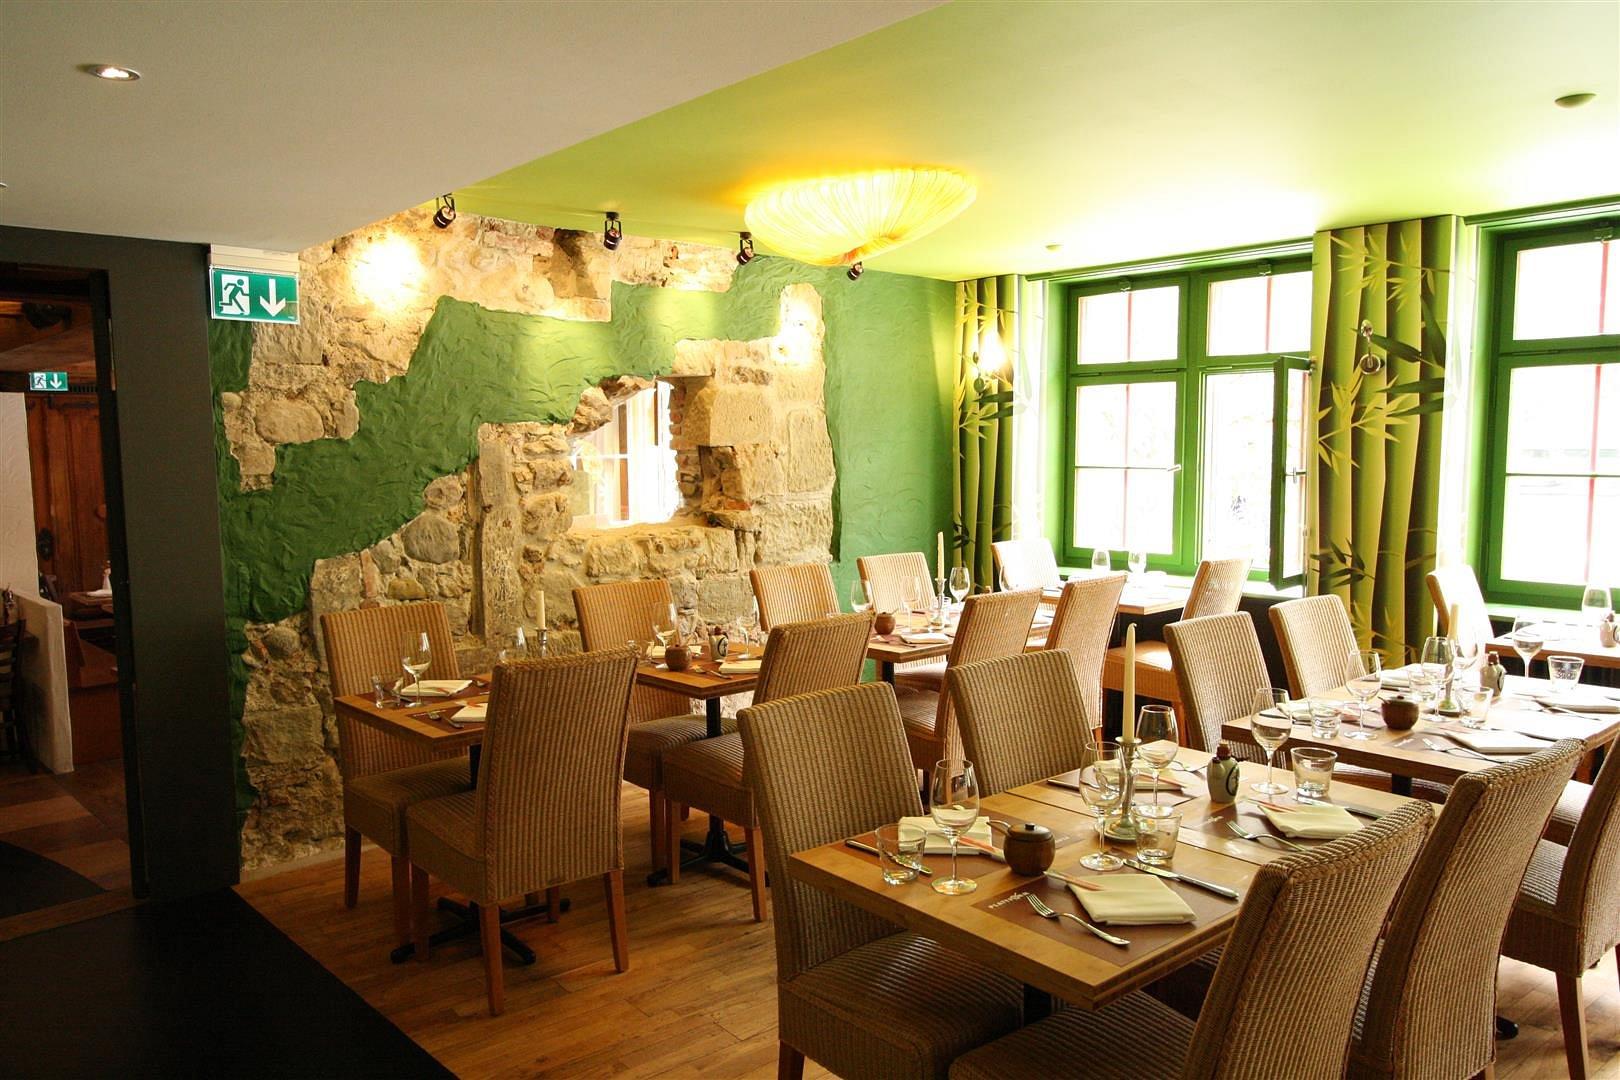 plattform restaurants mit tapas bar in bern adresse ffnungszeiten auf einsehen. Black Bedroom Furniture Sets. Home Design Ideas